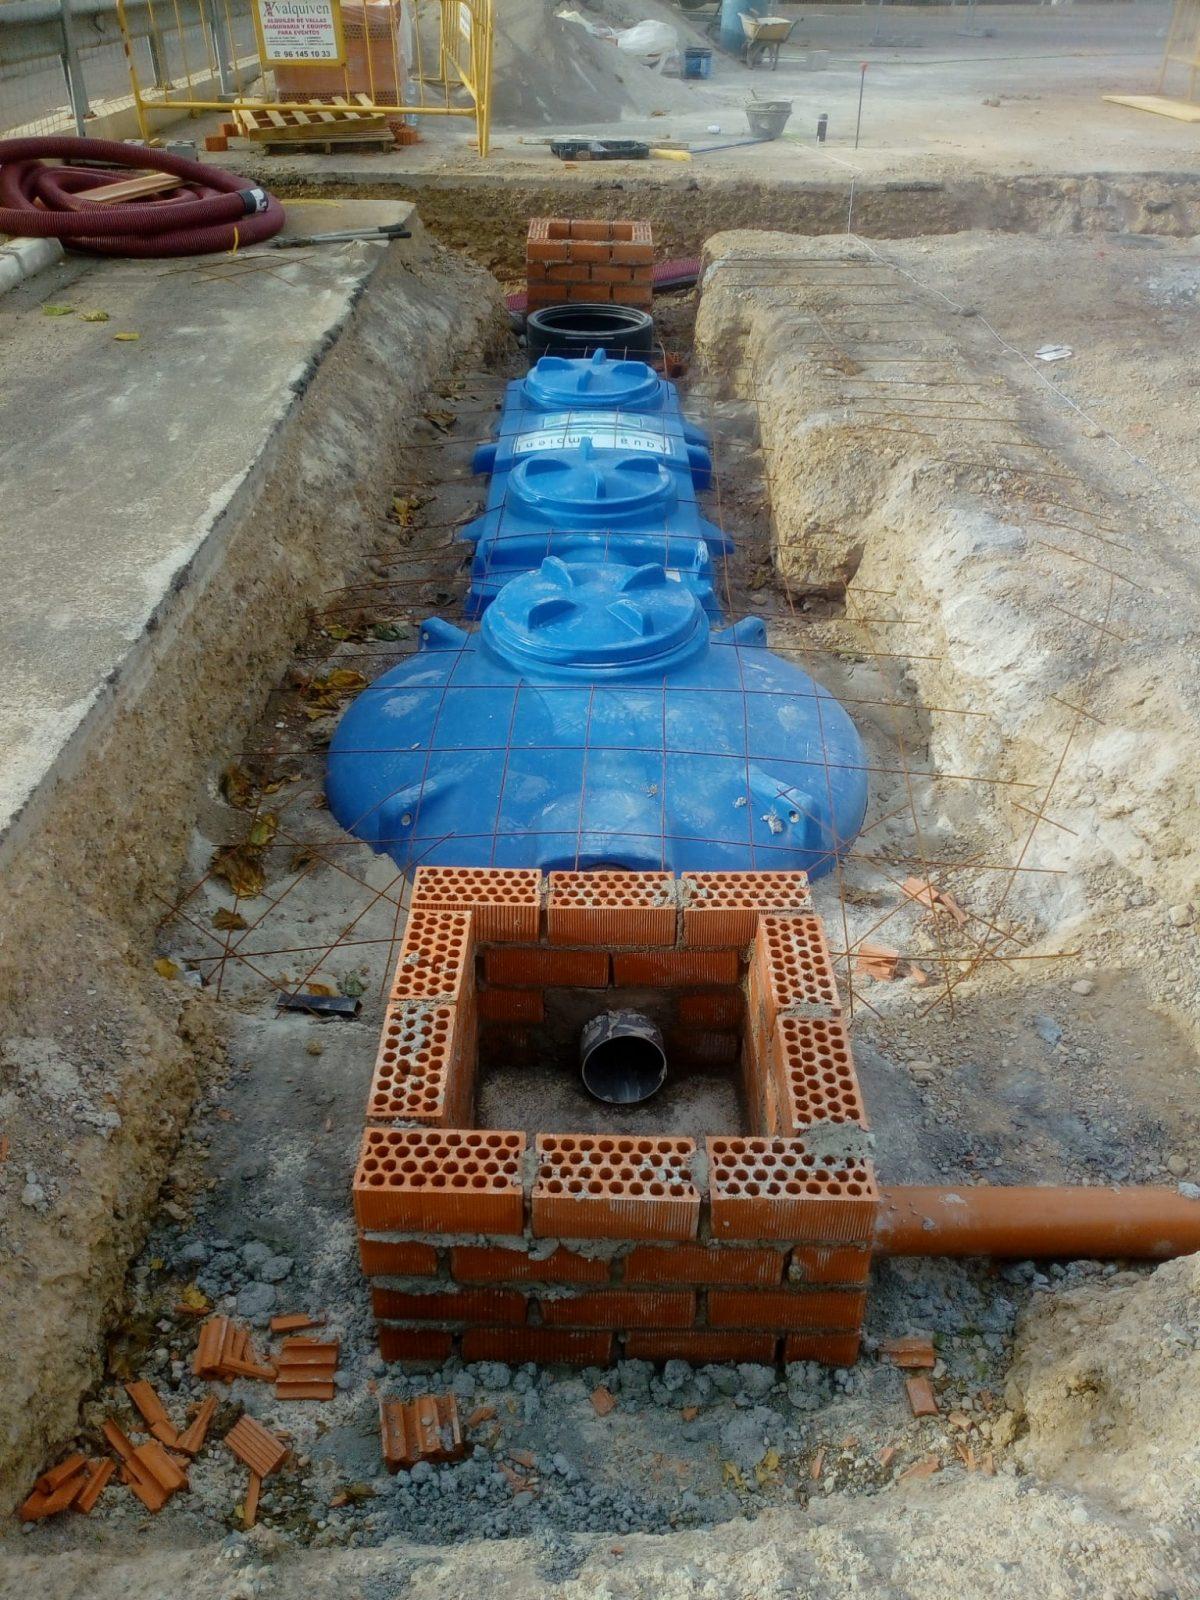 Separadores de Hidrocarburos en las Aguas Residuales de Lavaderos de Vehículos y Estaciones de Servicio